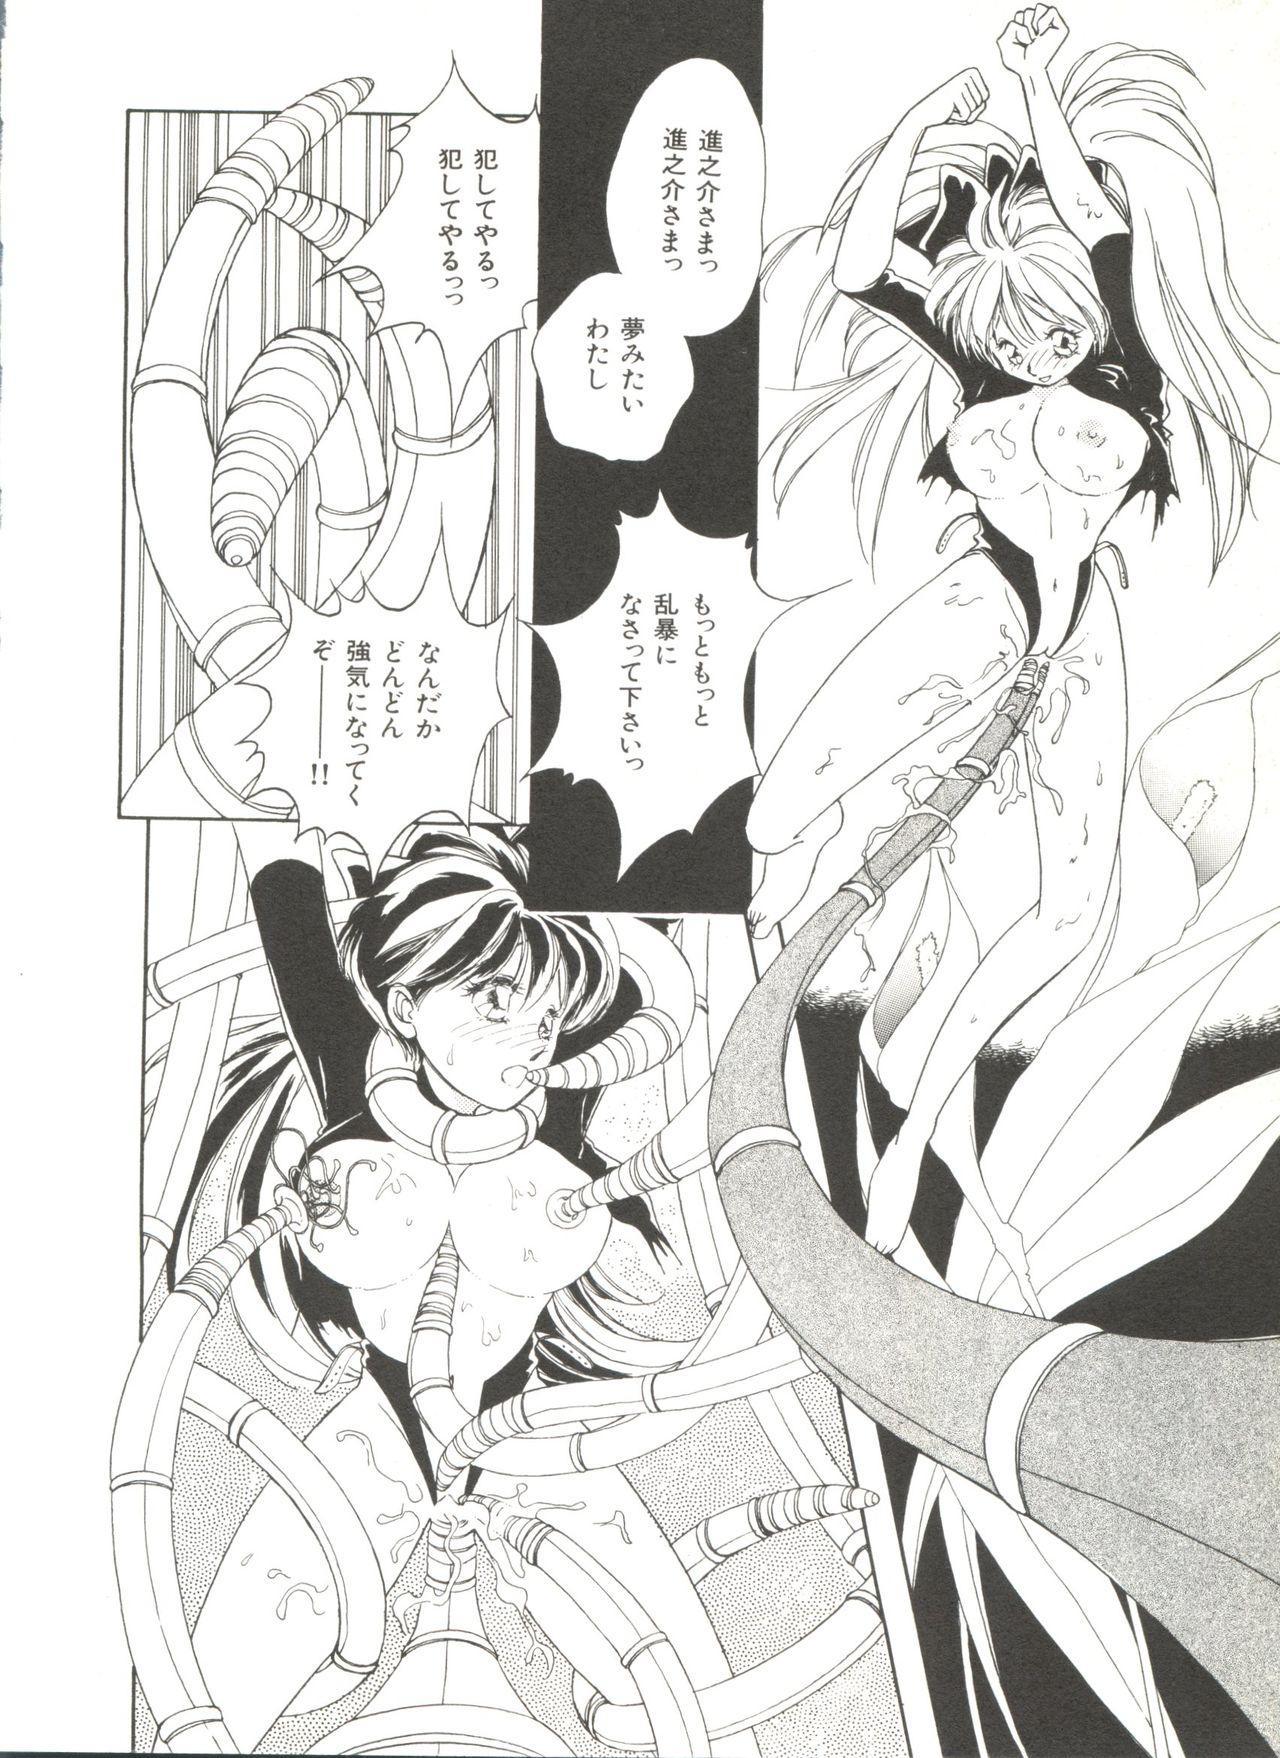 Bishoujo Doujinshi Anthology 6 13